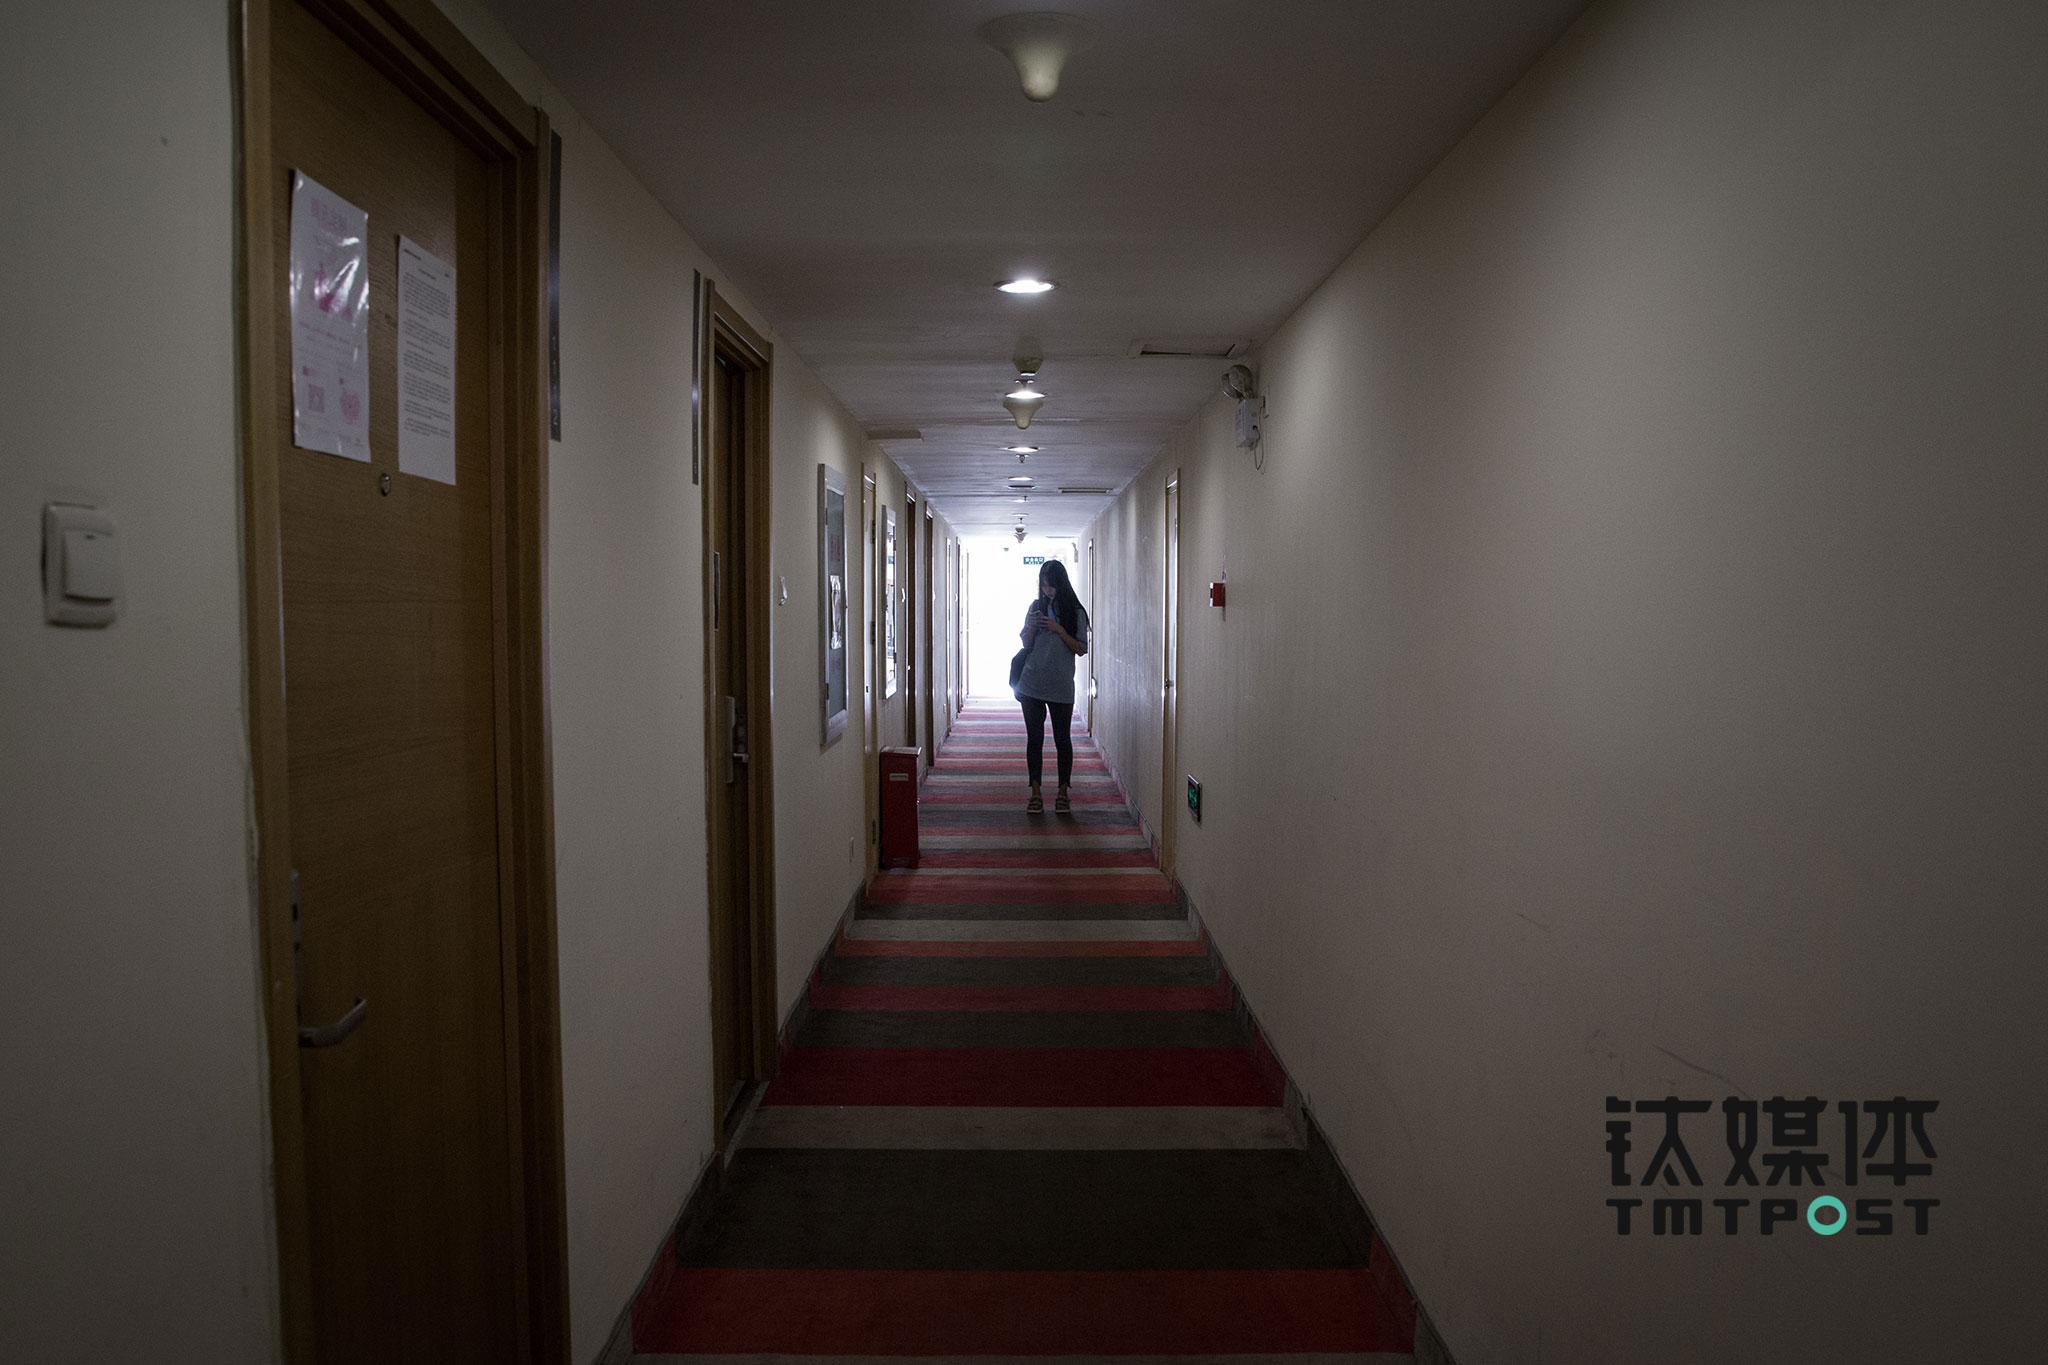 一个女孩穿过走廊,寻找将要去面试的剧组。每个剧组所在的房间,门上都会贴着一张通告单,很多来寻找表演机会的人,会挨个敲门,把简历往每个剧组都发一遍。